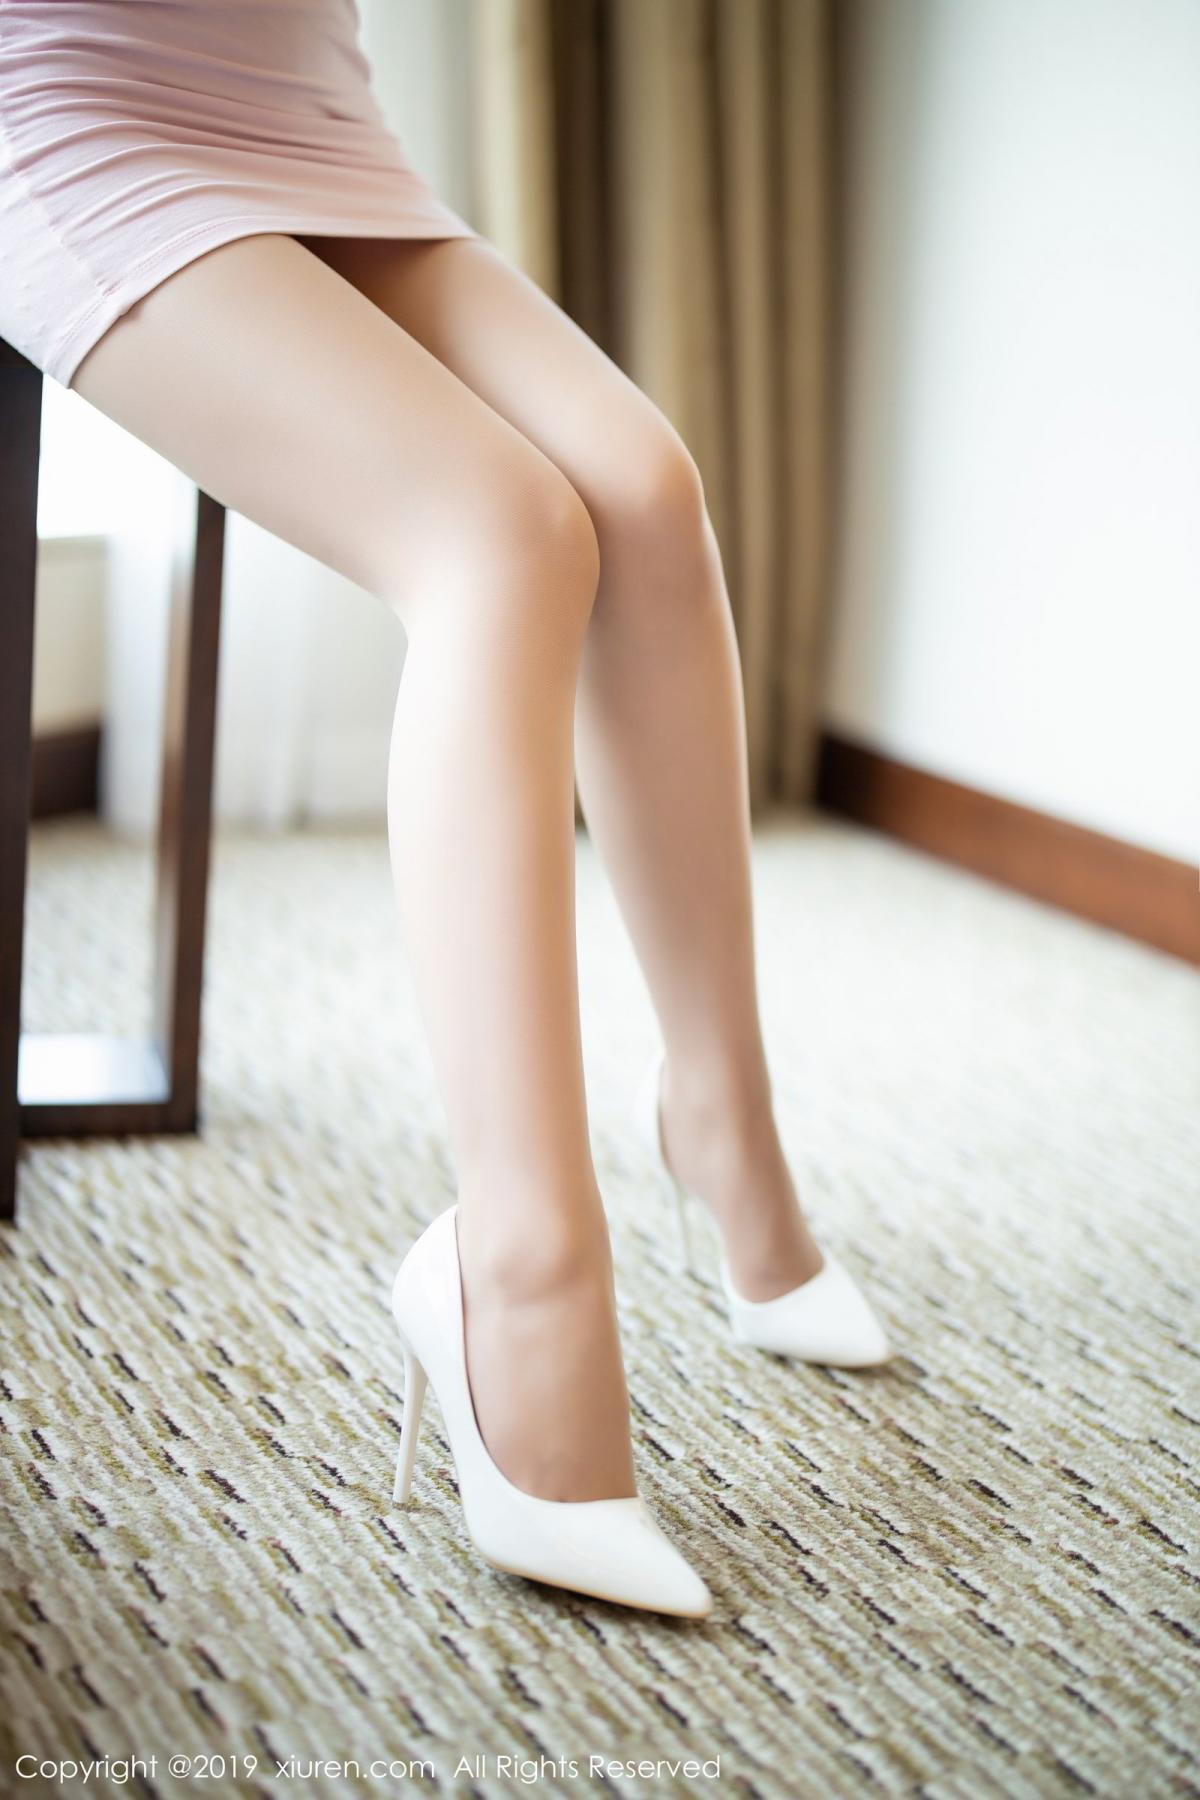 [XiaoYu] Vol.1697 Xie Zhi Xin 11P, Home, Sexy, XiaoYu, Xie Zhi Xin